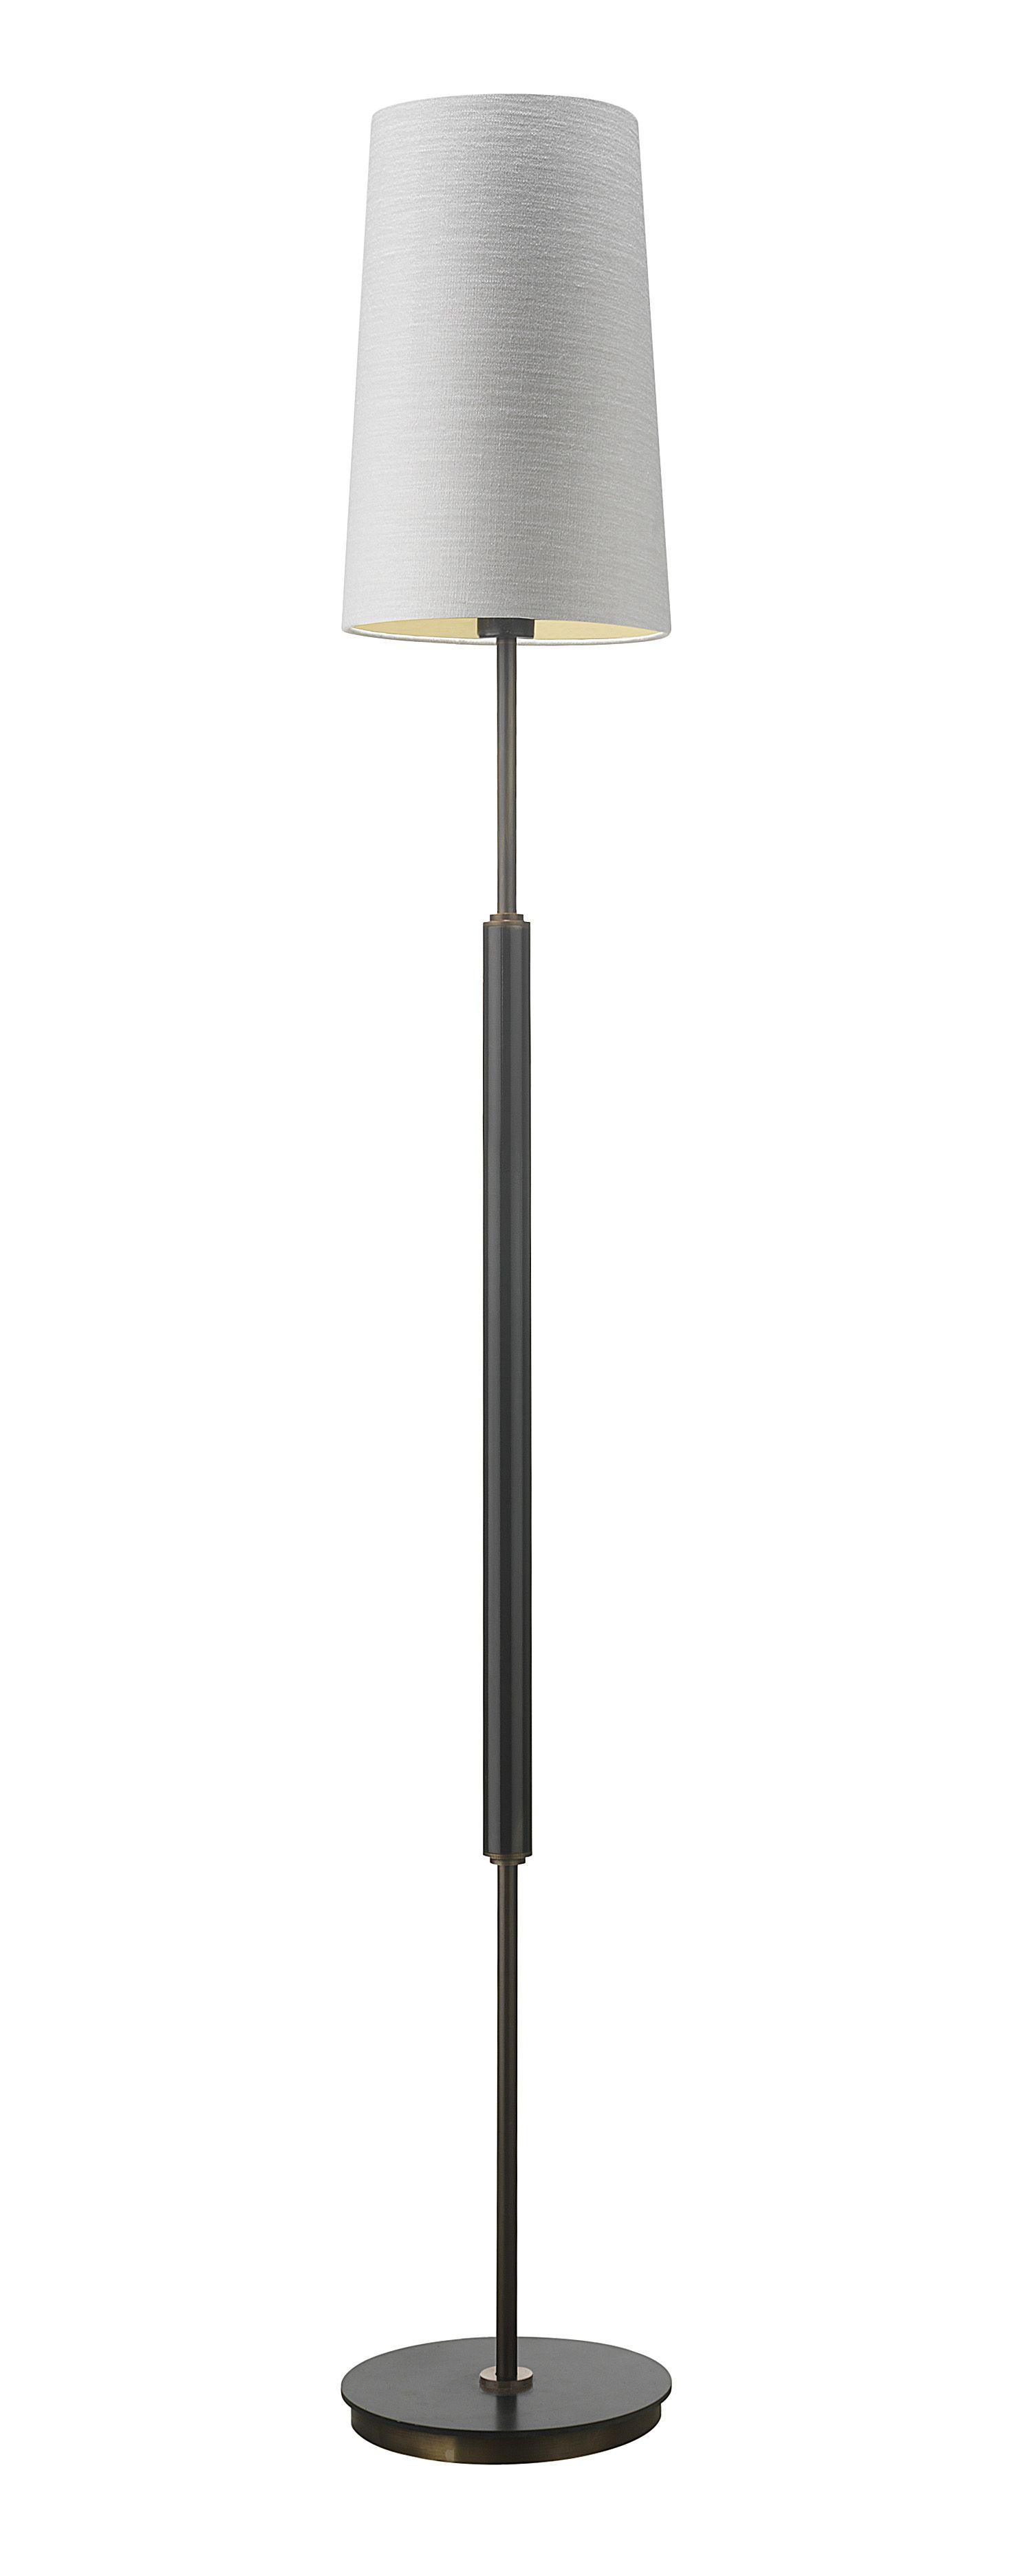 Marcade Floor Lamp. The Marcade range is designed to